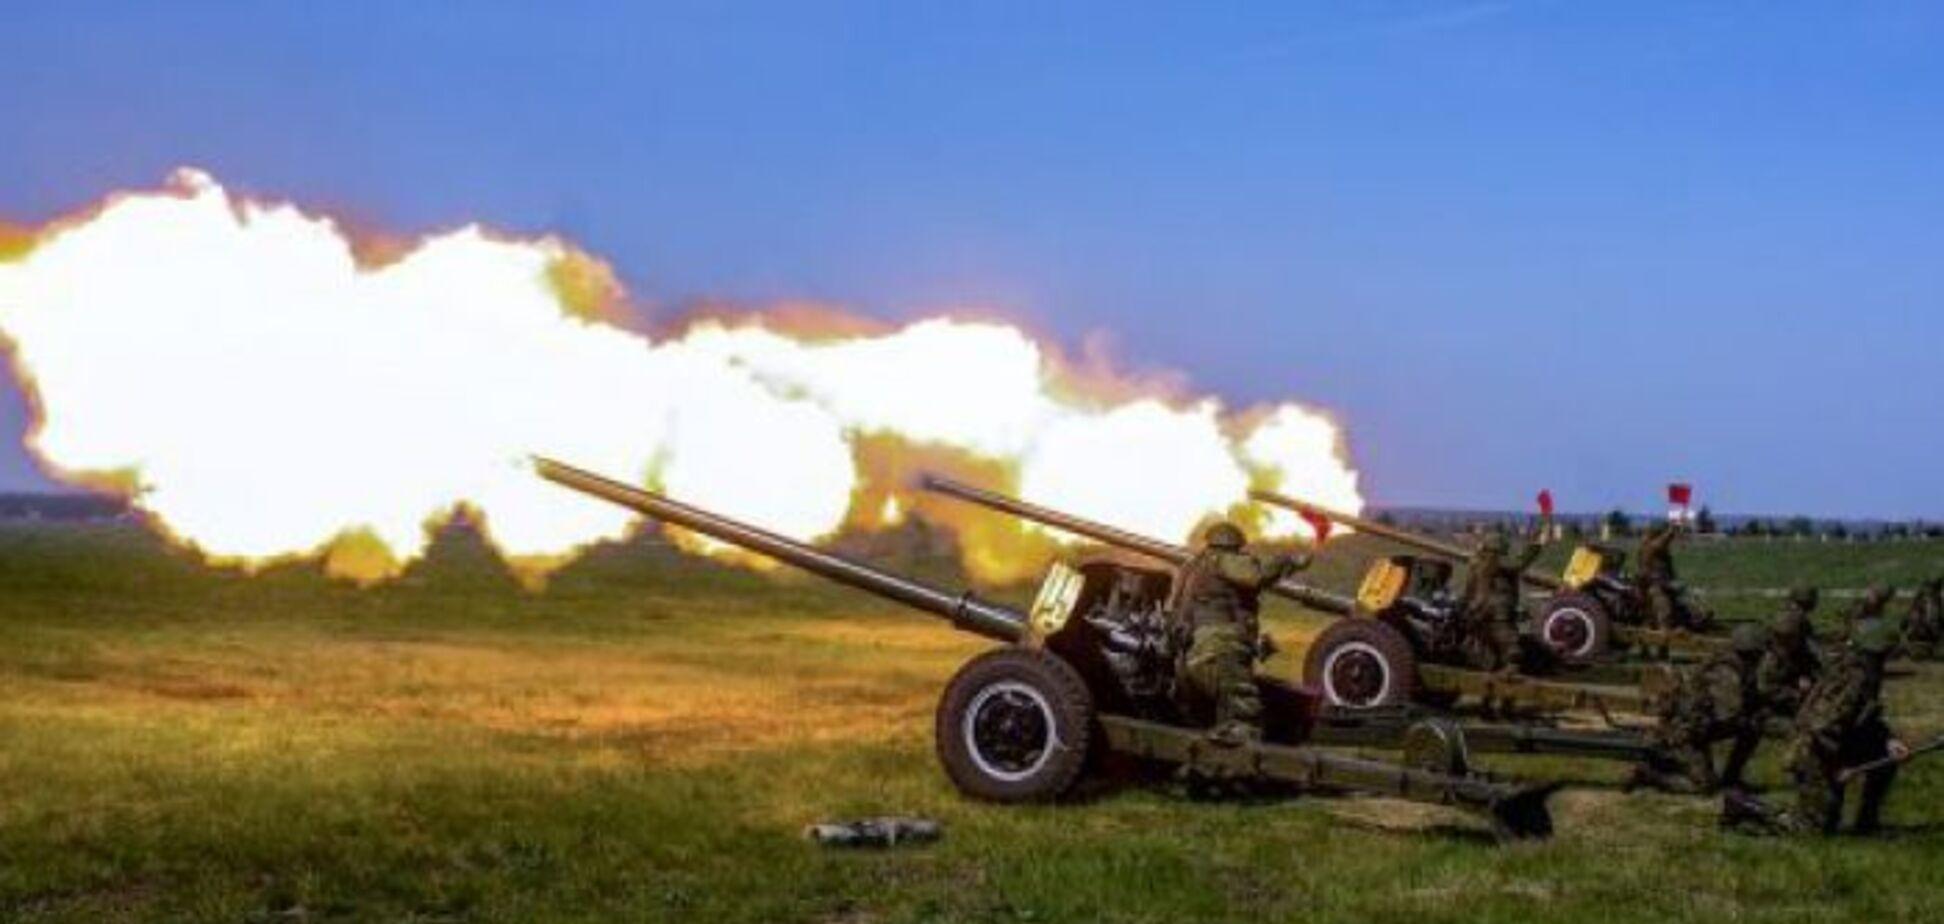 Войска России сорвали перемирие на Донбассе: Объединенные силы удержали оборону